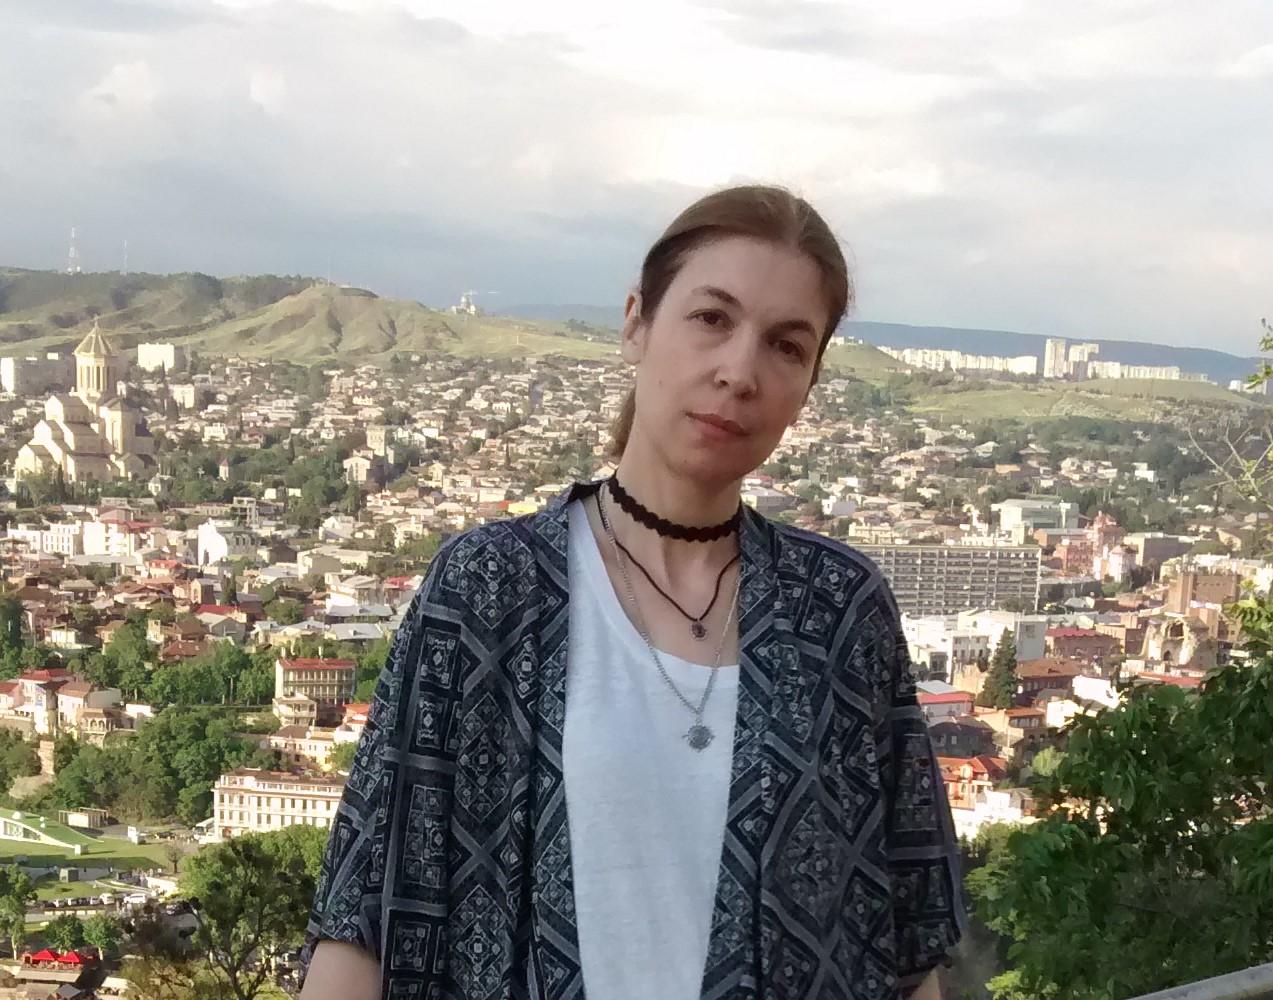 Частный гид экскурсовод по Тбилиси Марина